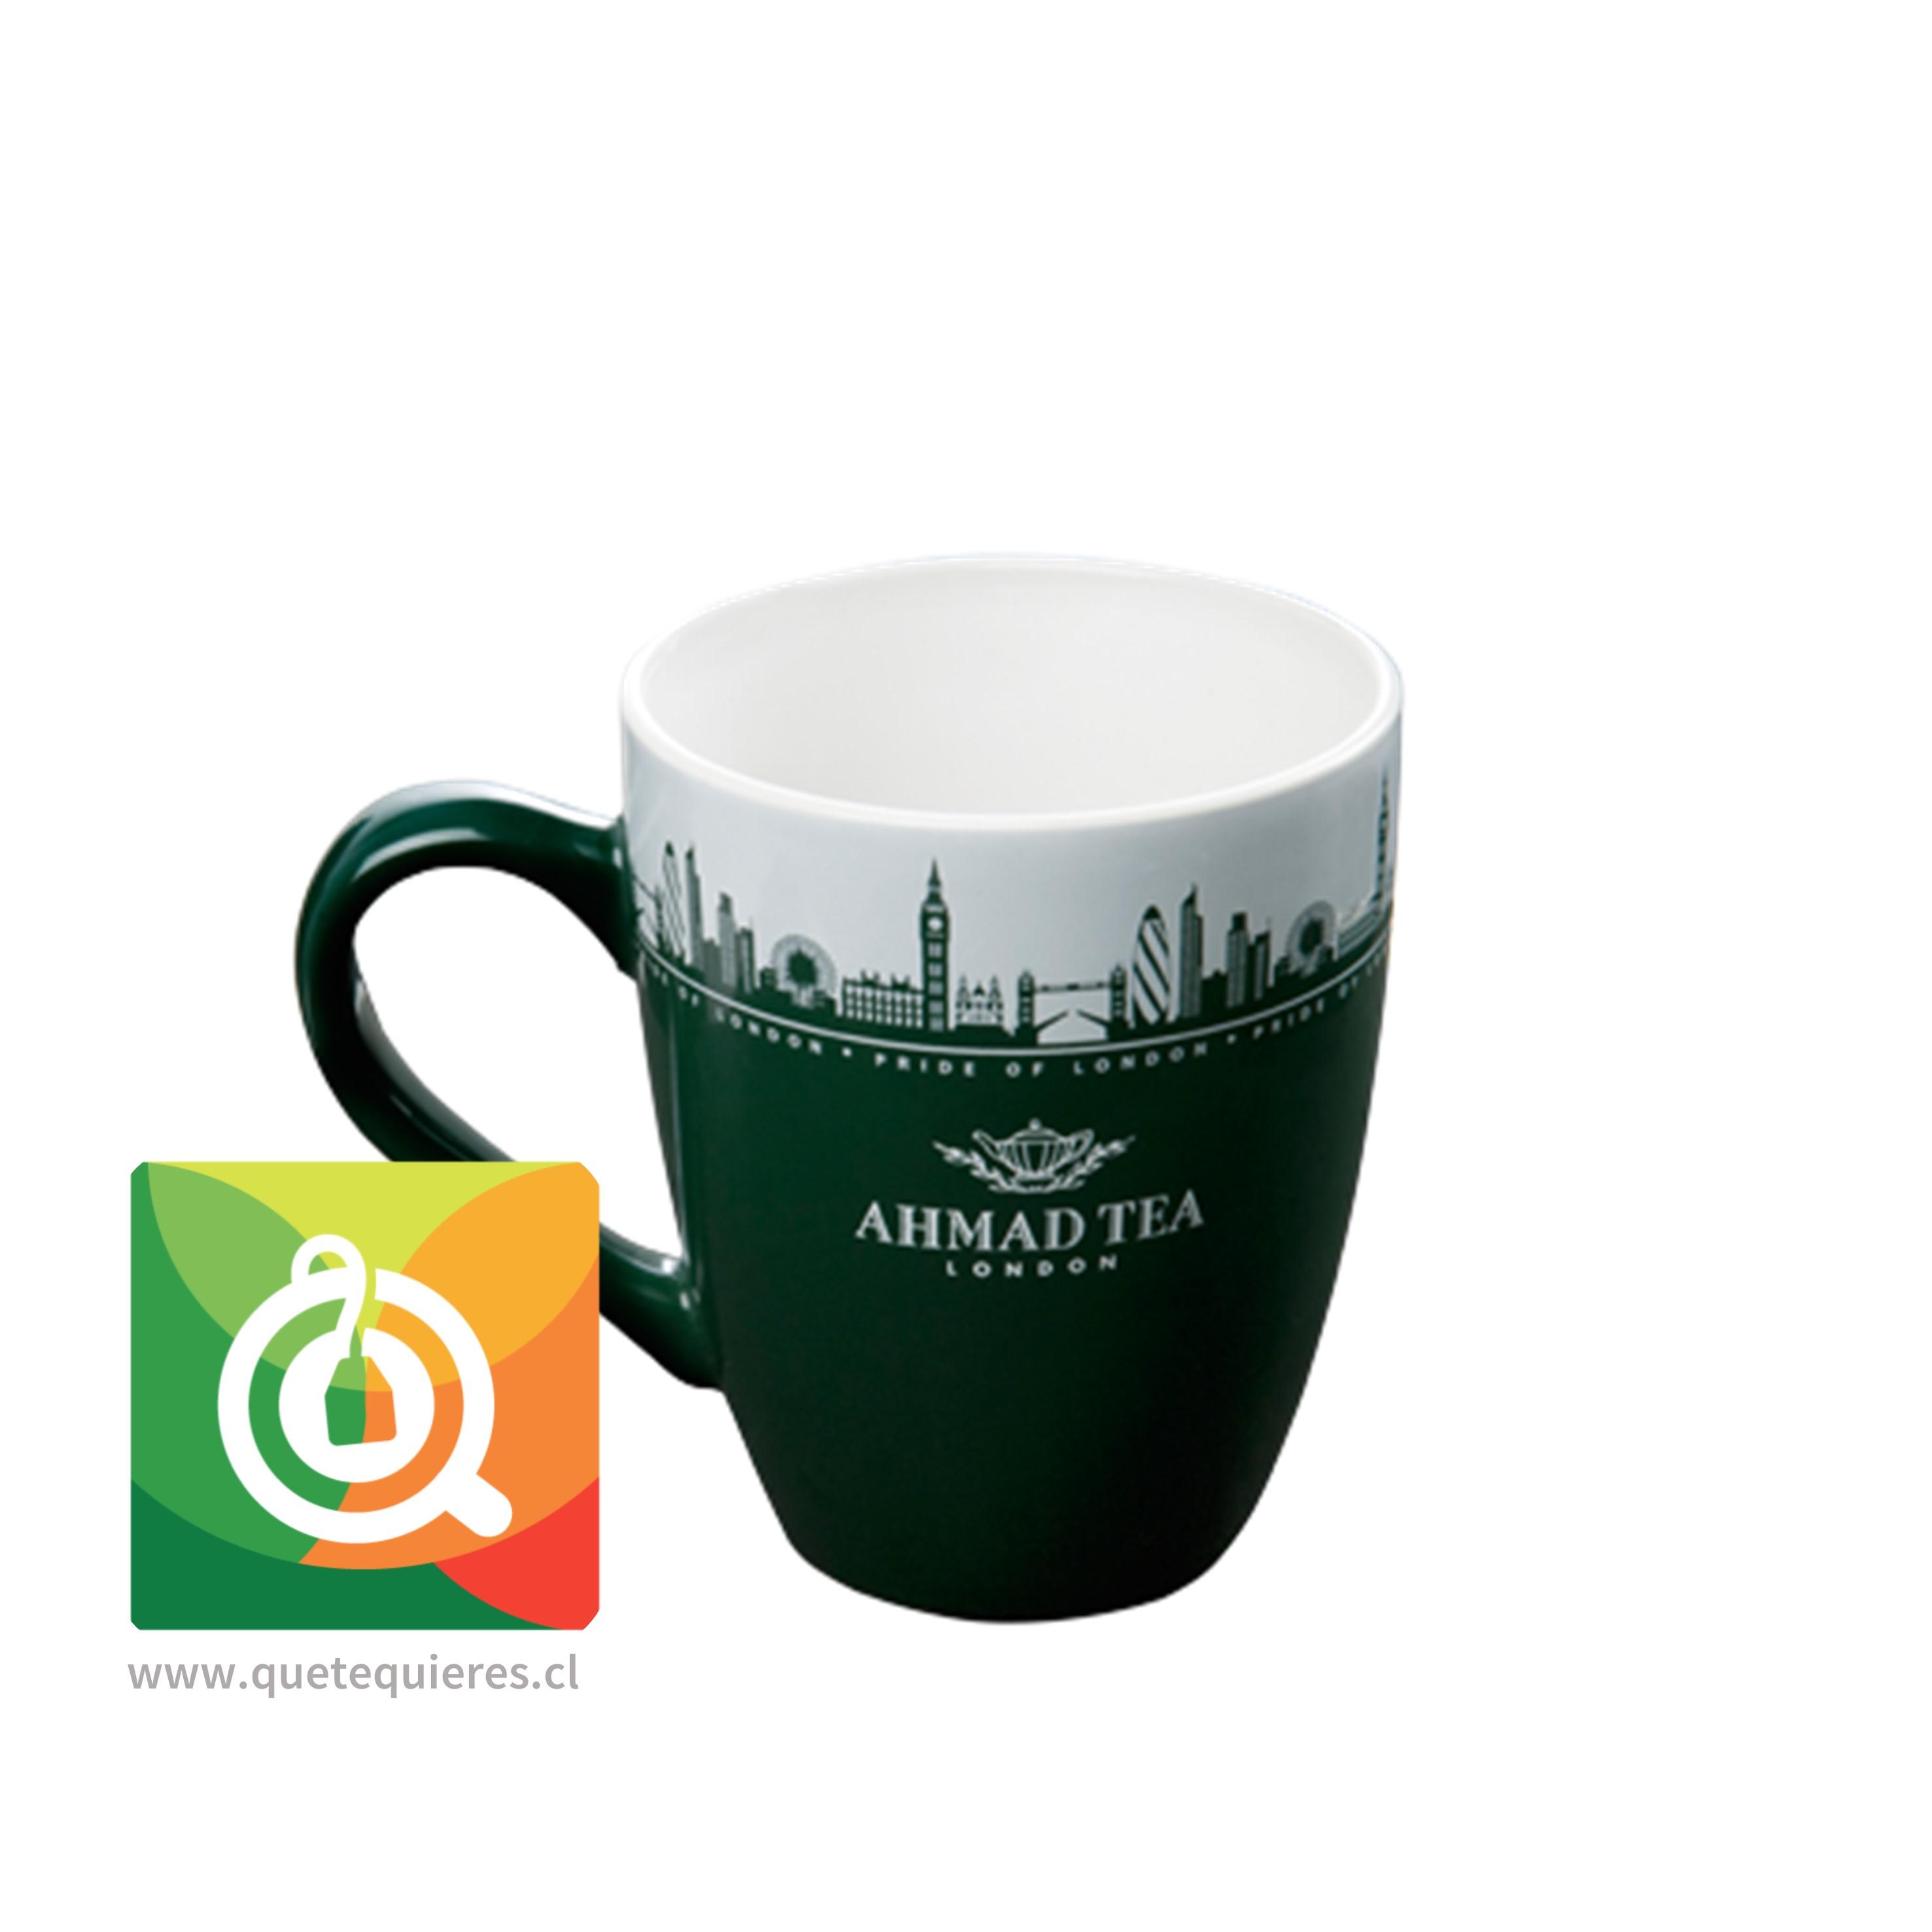 Ahmad Accesorios Mug o Tazón Para Té- Image 1